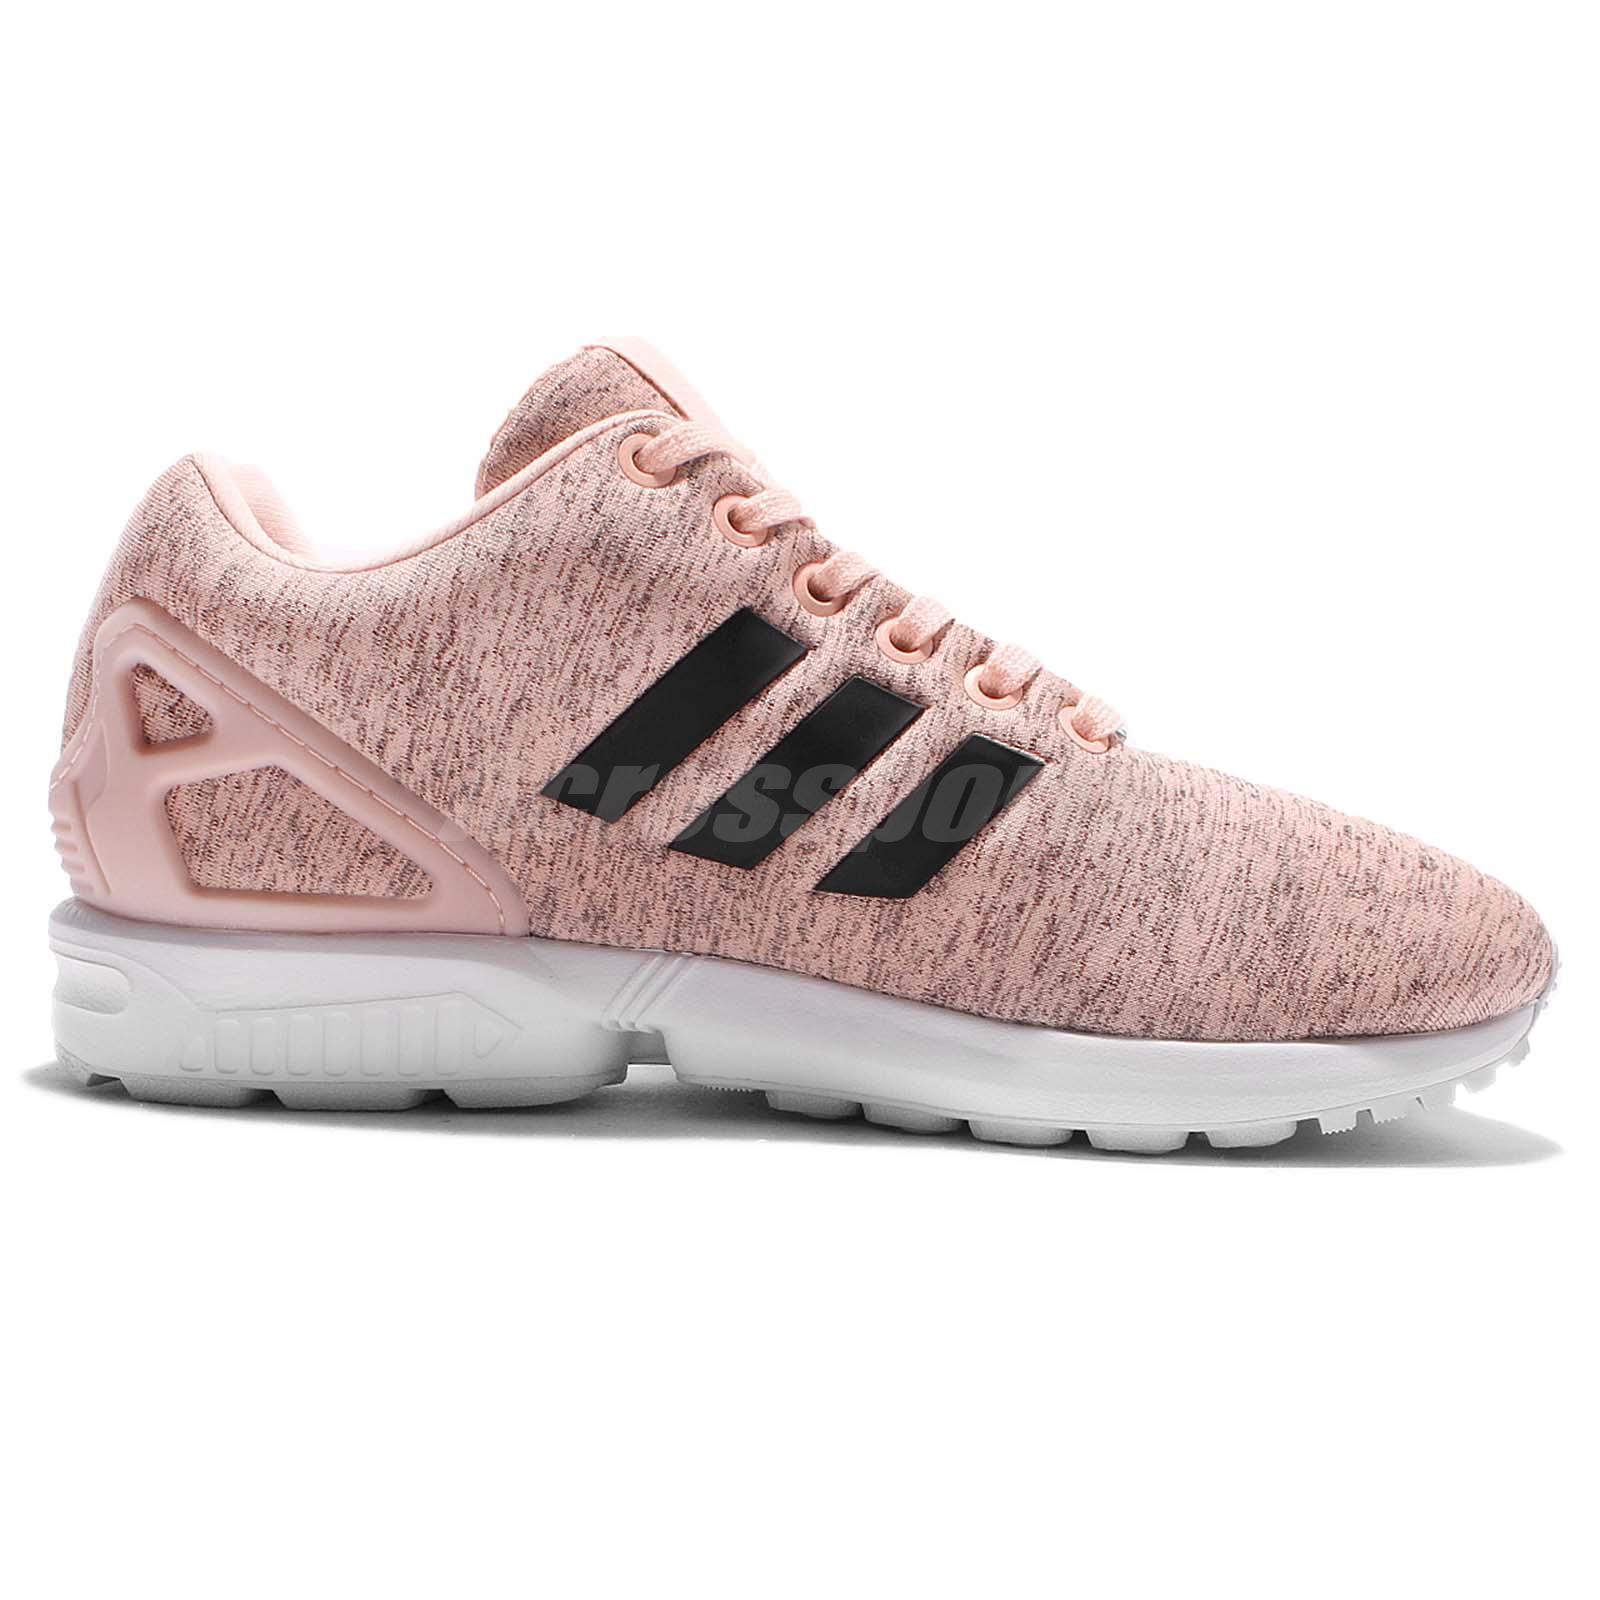 Adidas Originals Zx Flux W Rosa uXpsb6O